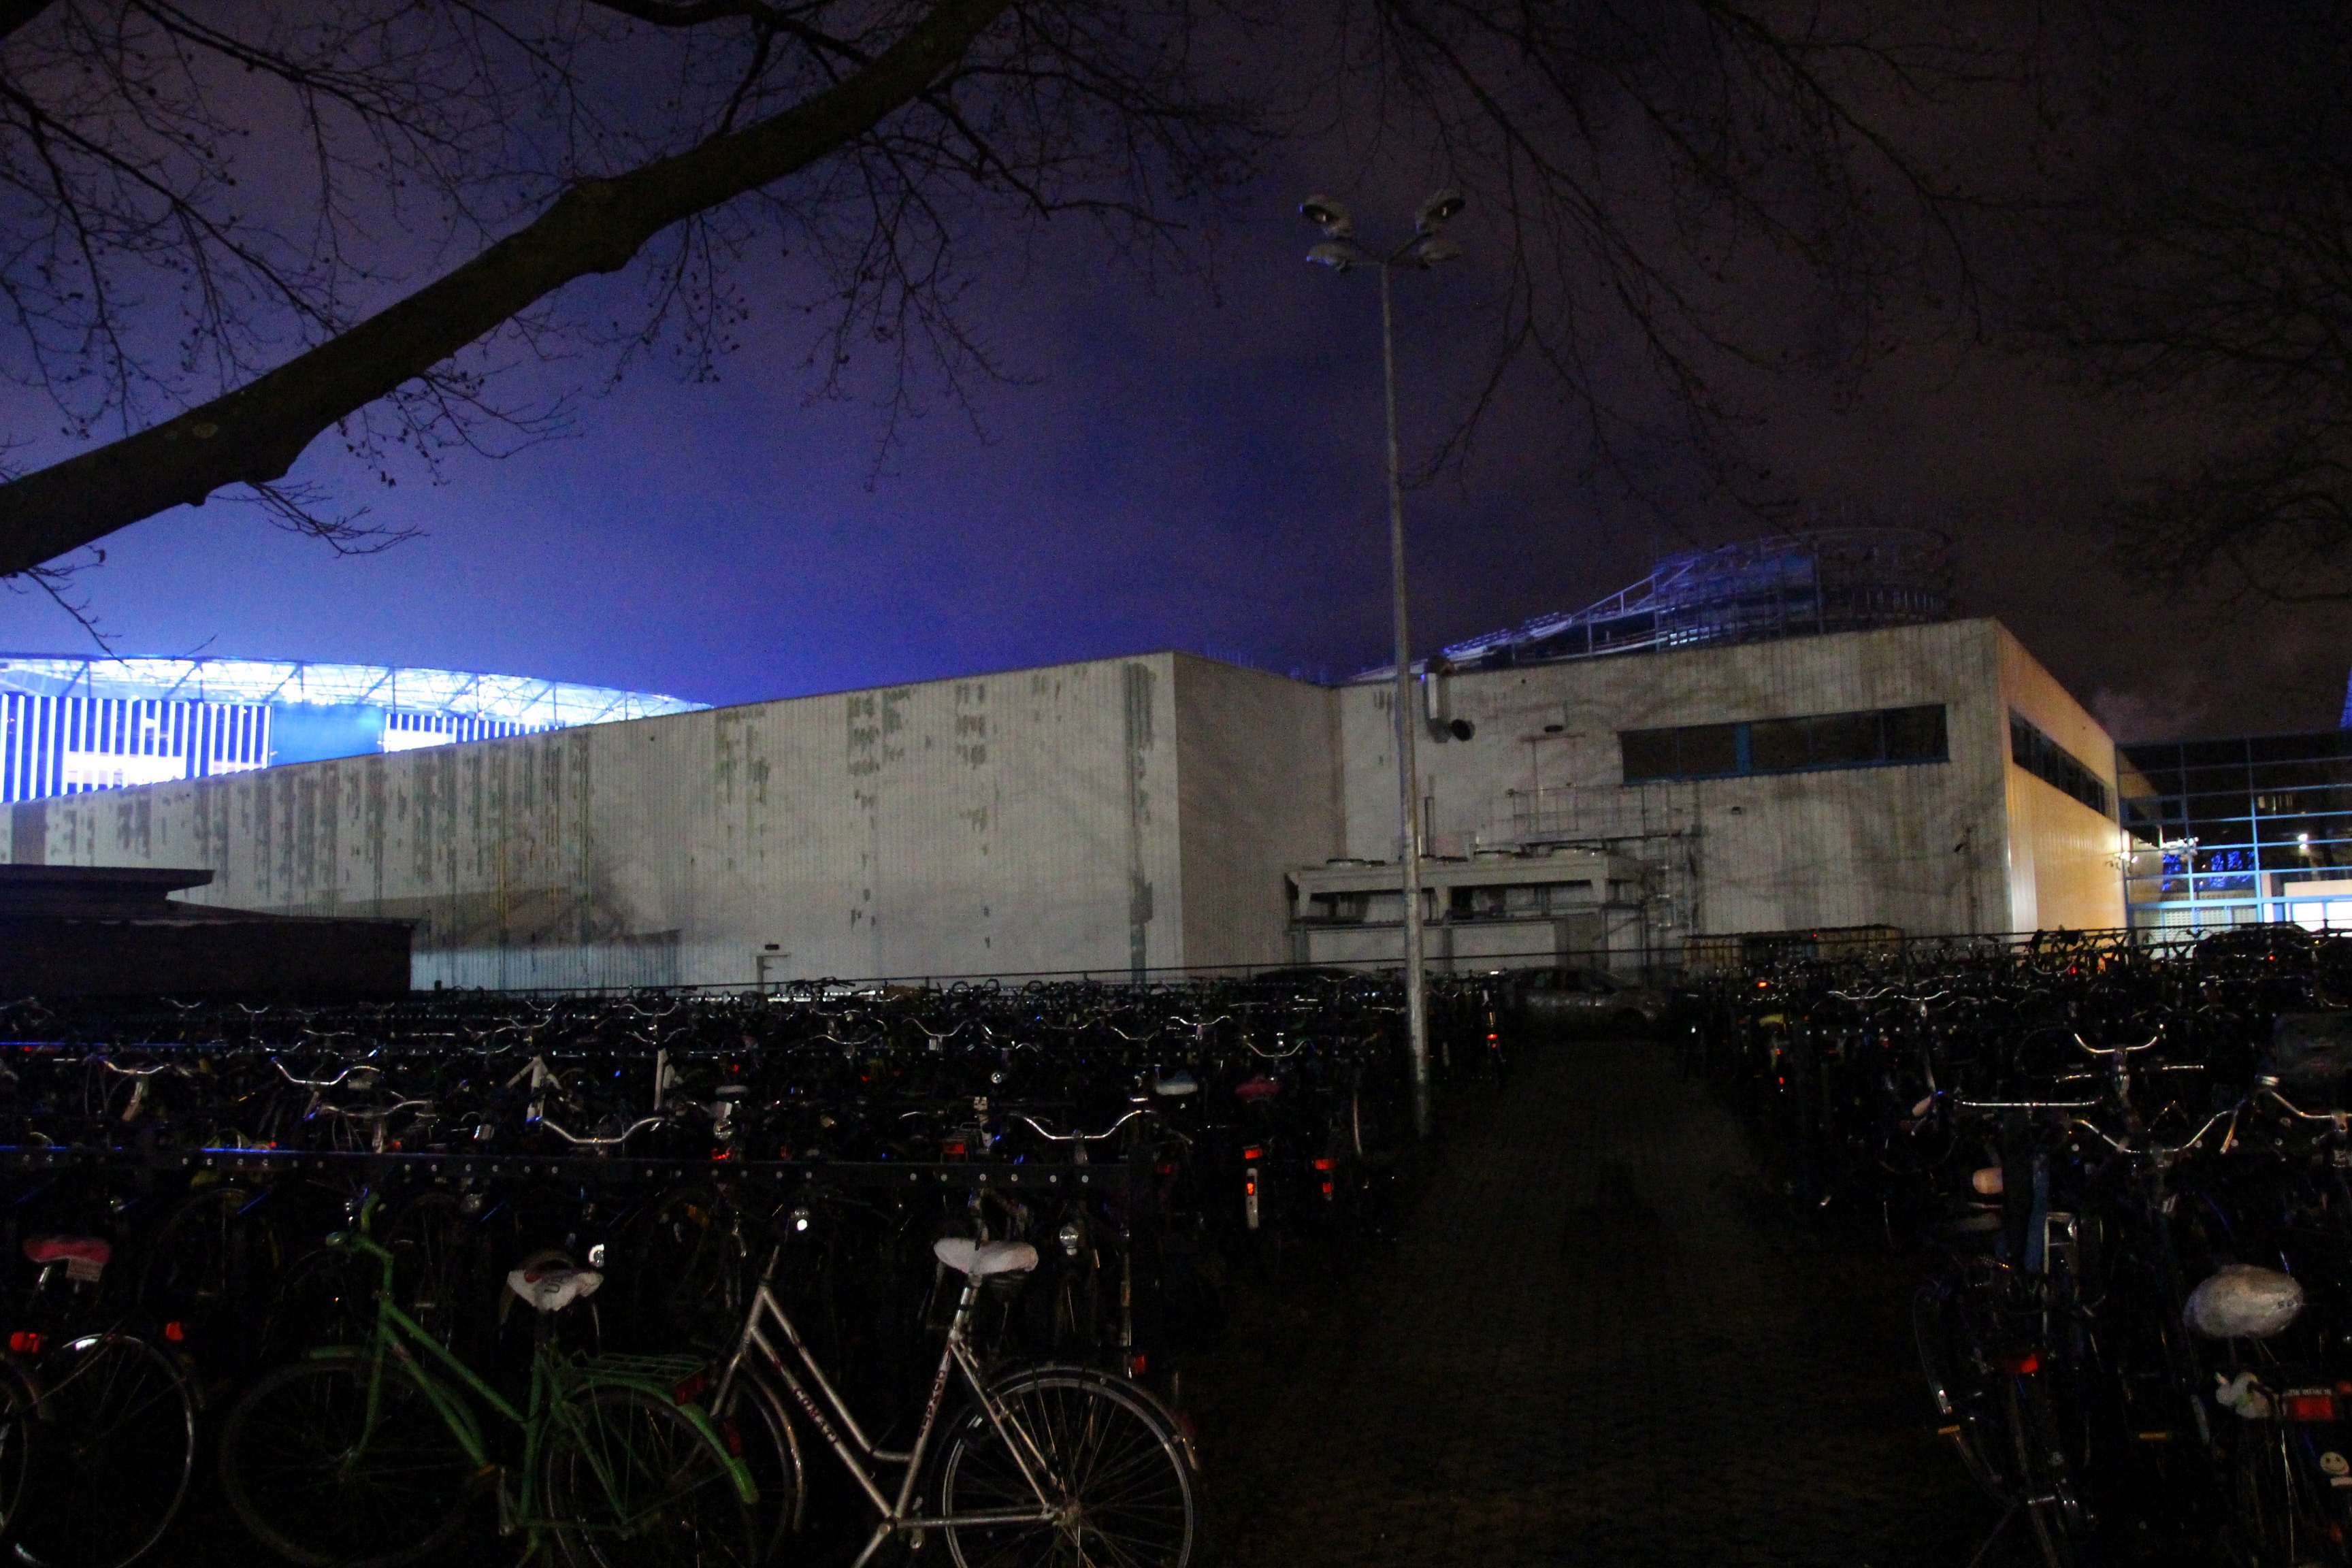 16feb17, fietsstalling bij Ghelamco